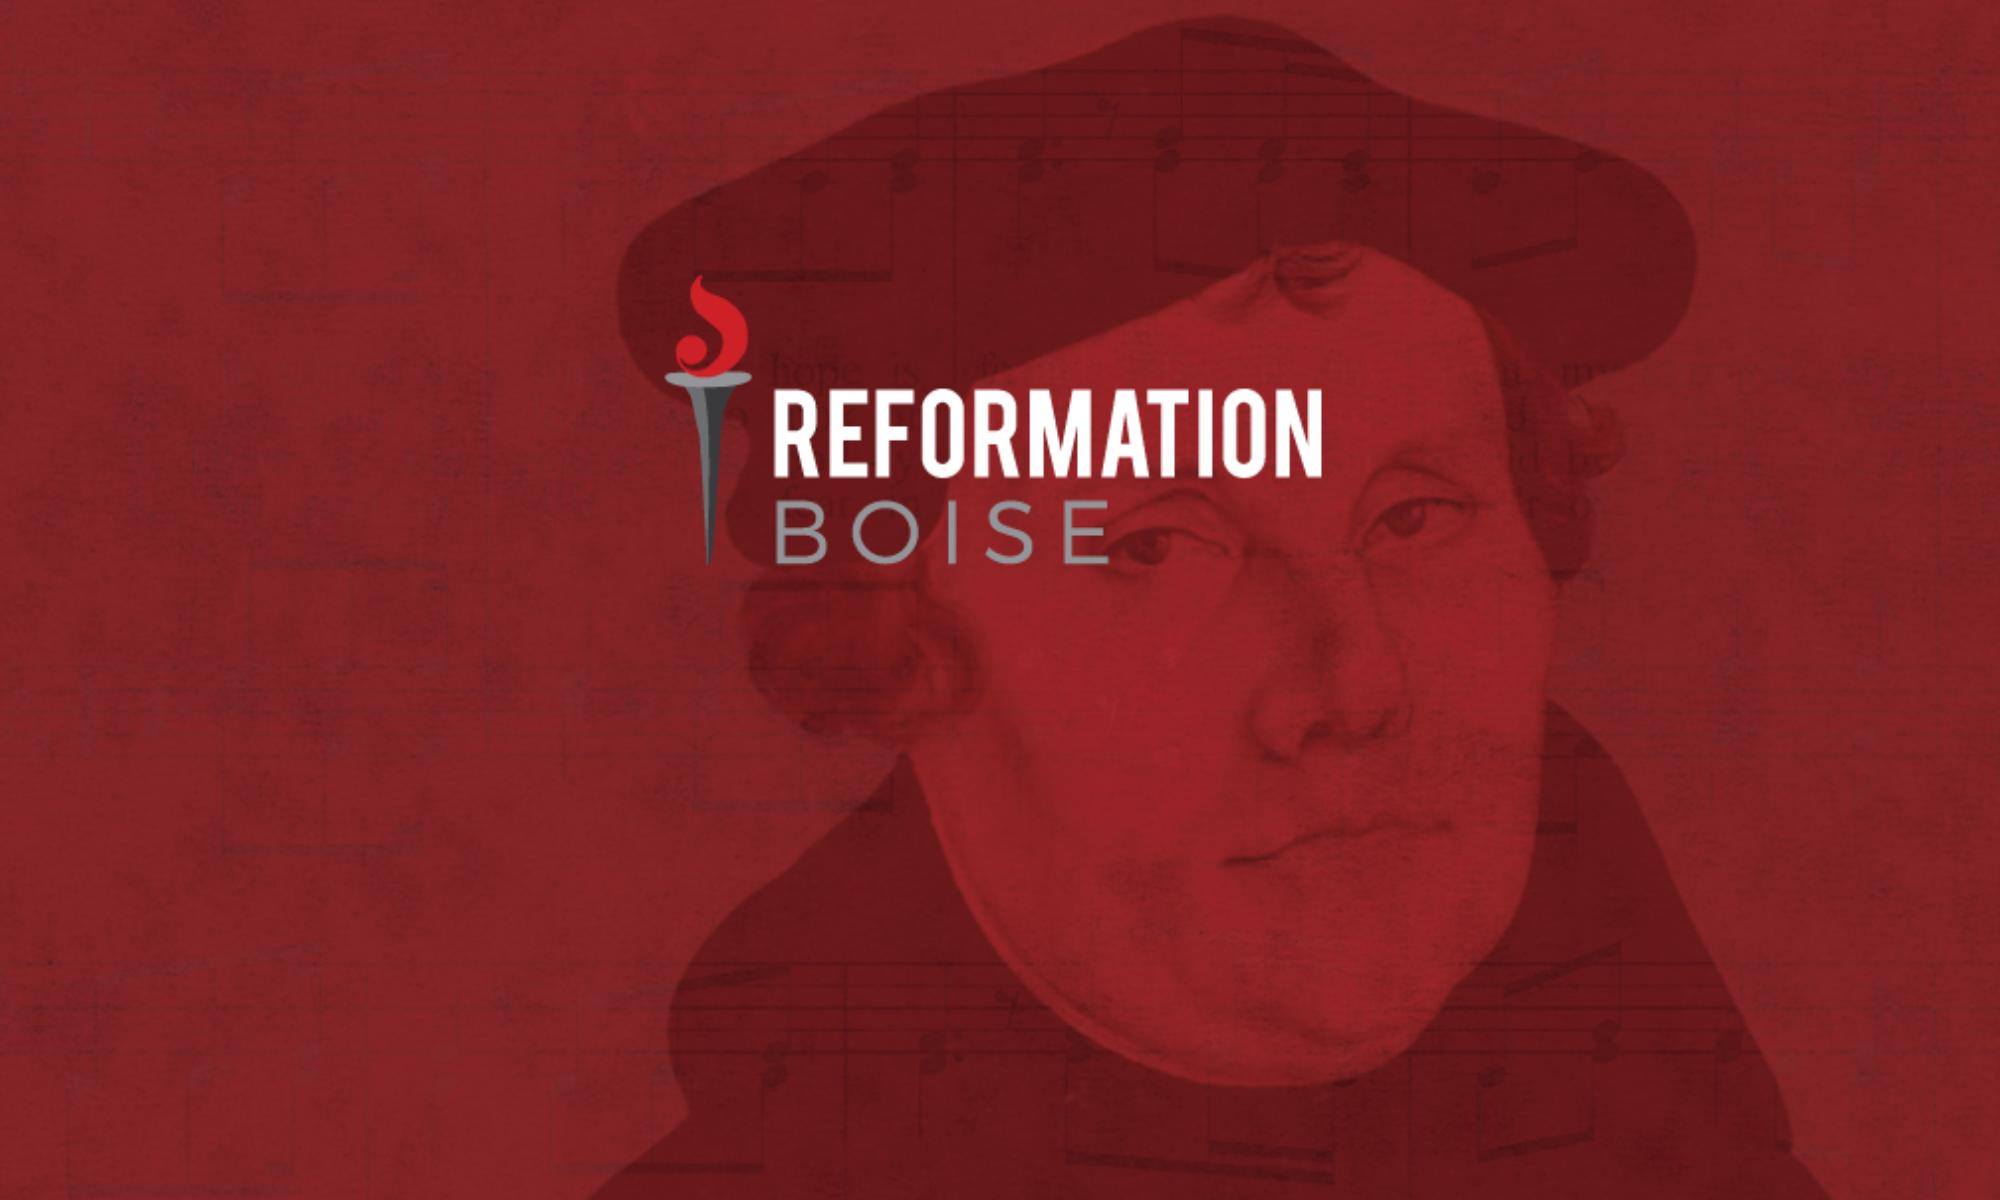 ReformationBoise.com